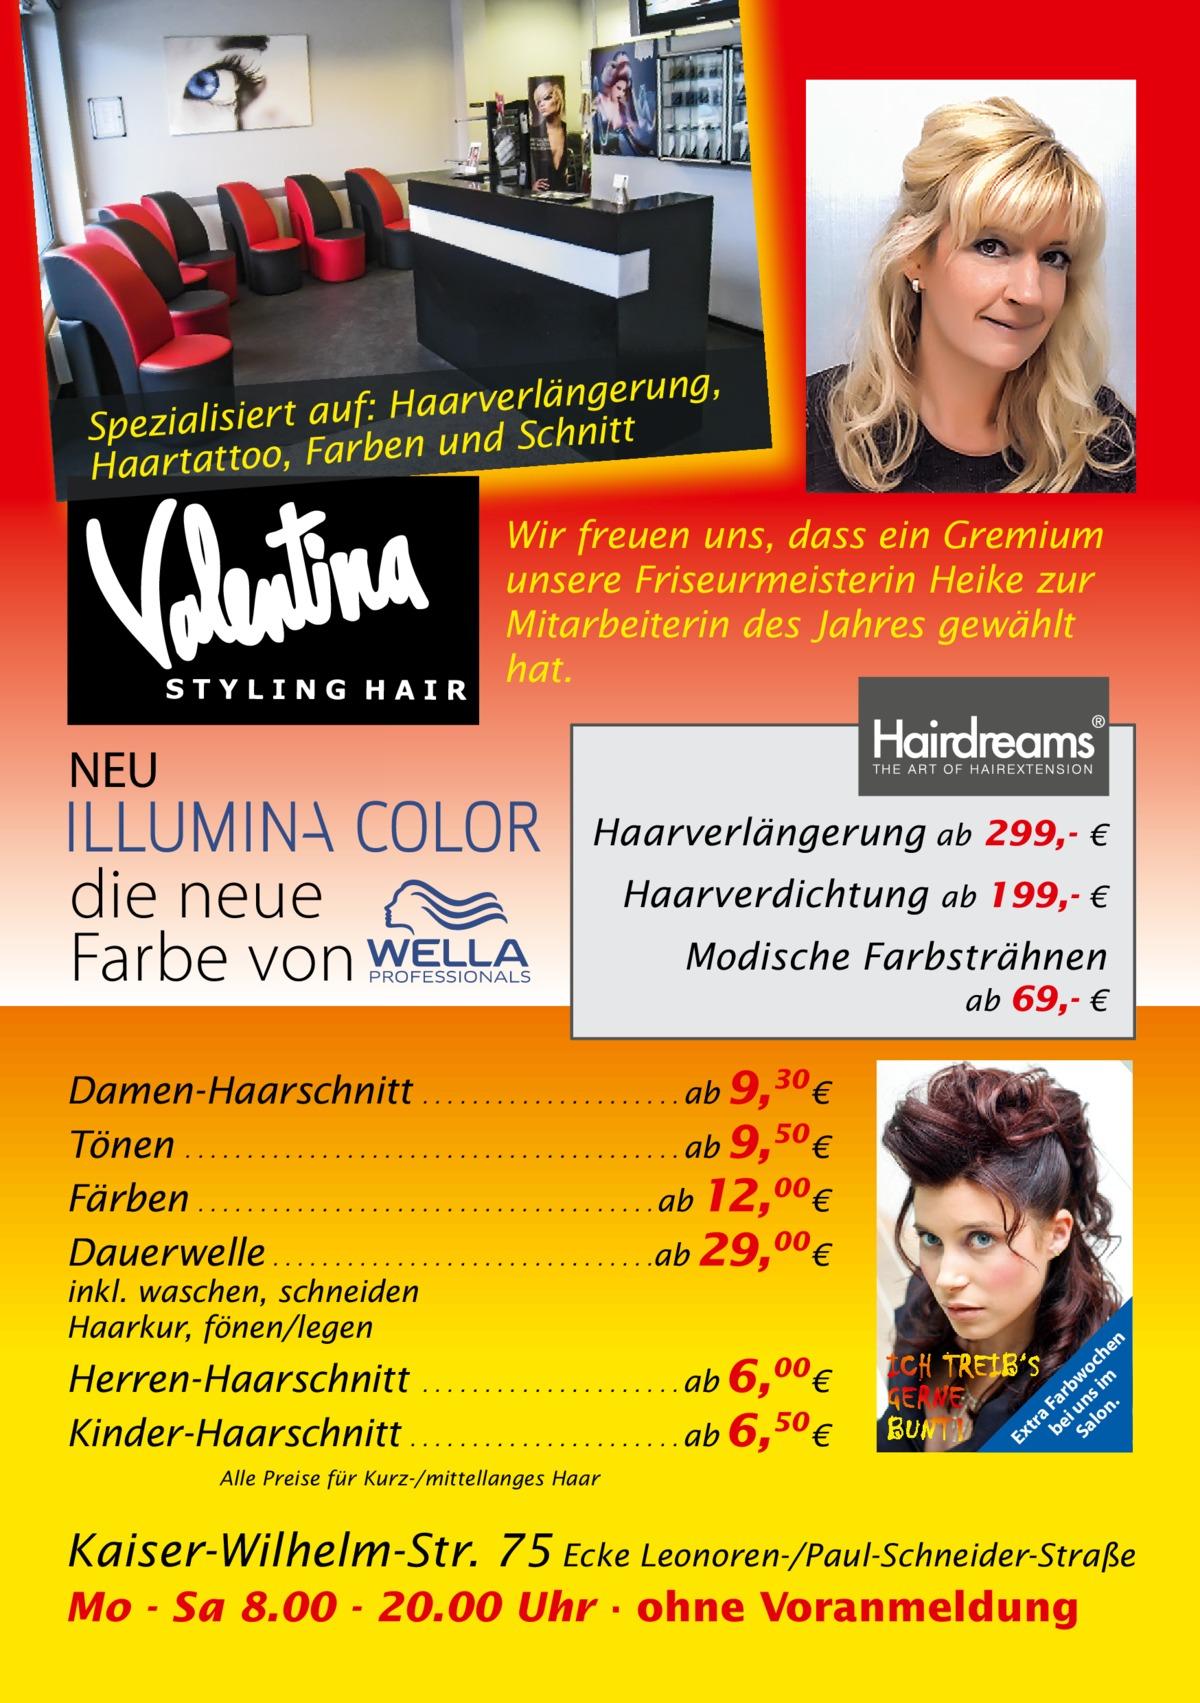 ng, Haarverlängeru f: u a rt ie lis ia Spez en und Schnitt Haartattoo, Farb Wir freuen uns, dass ein Gremium unsere Friseurmeisterin Heike zur Mitarbeiterin des Jahres gewählt hat.  NEU  die neue Farbe von  Haarverlängerung ab 299,Haarverdichtung  €  ab 199,- €  Modische Farbsträhnen ab 69,- €  Herren-Haarschnitt . . . . . . . . . . . . . . . . . . . . . ab 6,00€ Kinder-Haarschnitt . . . . . . . . . . . . . . . . . . . . . . ab 6,50 €  Ex  inkl. waschen, schneiden Haarkur, fönen/legen  tr a be Fa i rb Sa un wo lo s im ch n. en  Damen-Haarschnitt . . . . . . . . . . . . . . . . . . . . . ab 9,30 € Tönen . . . . . . . . . . . . . . . . . . . . . . . . . . . . . . . . . . . . . . . . ab 9,50 € Färben . . . . . . . . . . . . . . . . . . . . . . . . . . . . . . . . . . . . . ab 12,00€ Dauerwelle . . . . . . . . . . . . . . . . . . . . . . . . . . . . . . .ab 29,00€  Alle Preise für Kurz-/mittellanges Haar  Kaiser-Wilhelm-Str. 75 Ecke Leonoren-/Paul-Schneider-Straße Mo - Sa 8.00 - 20.00 Uhr · ohne Voranmeldung